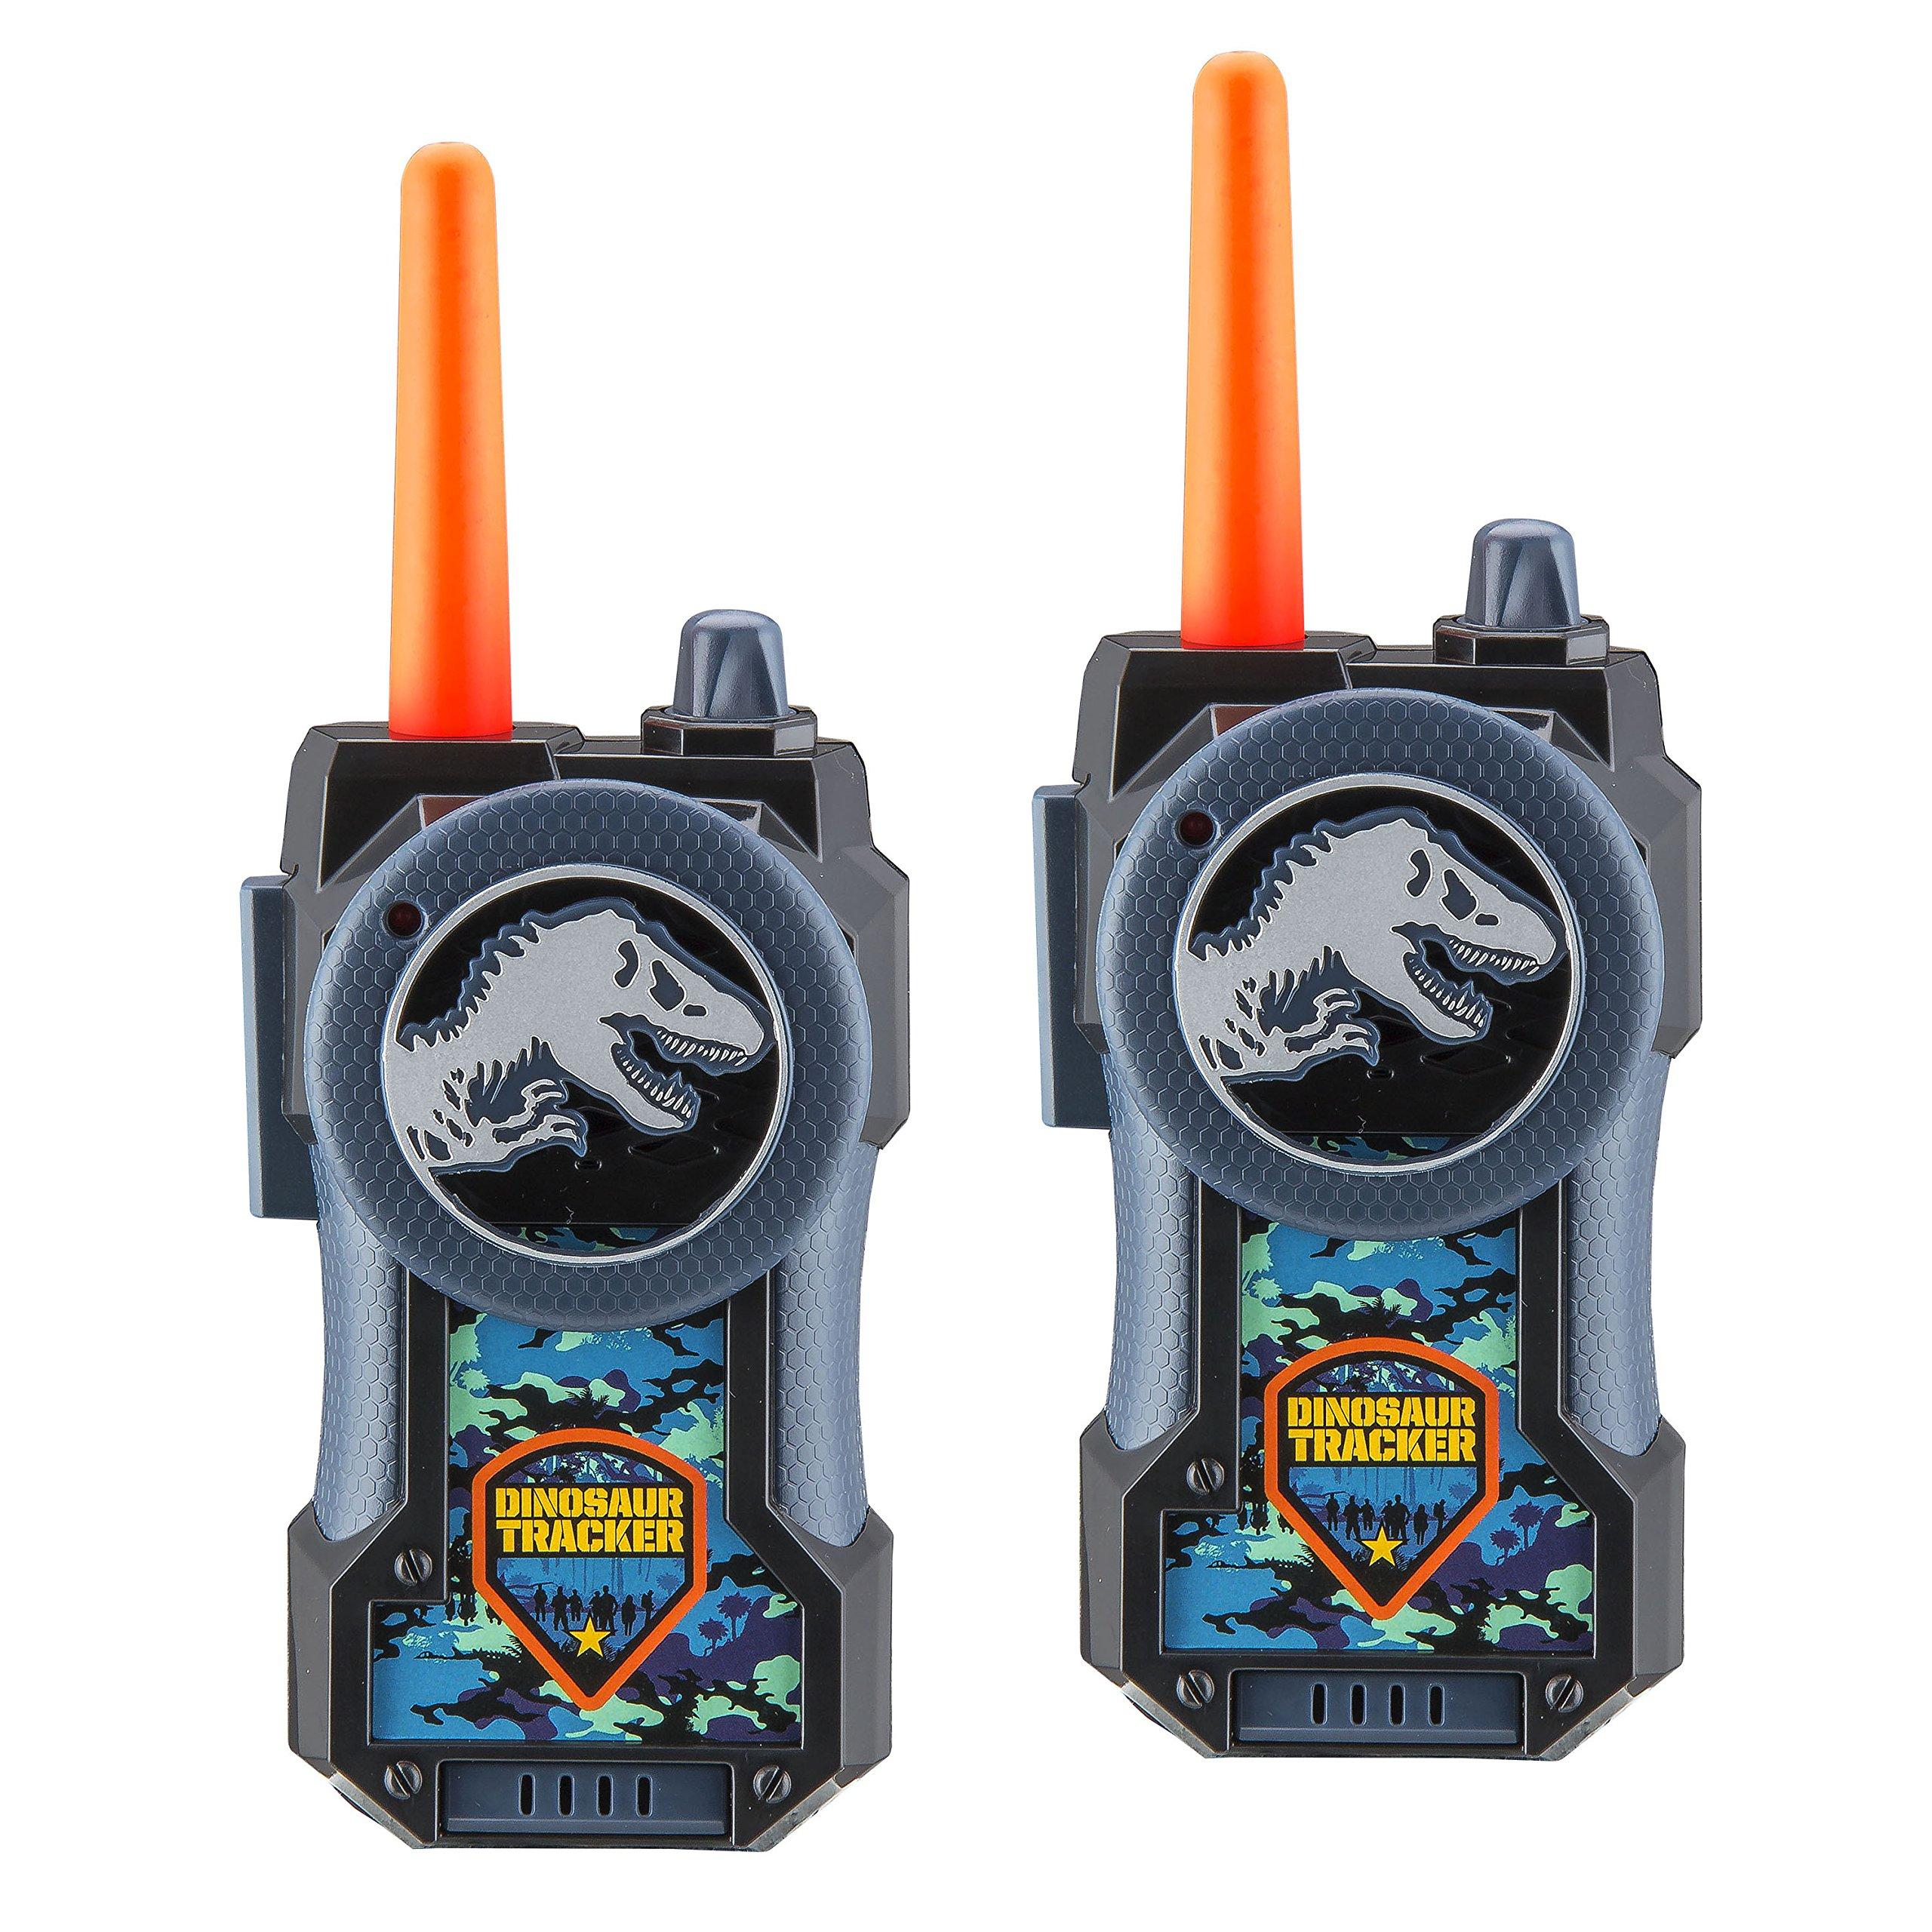 Jurassic World Fallen Kingdom FRS Walkie Talkies for Kids Long Range Static Free